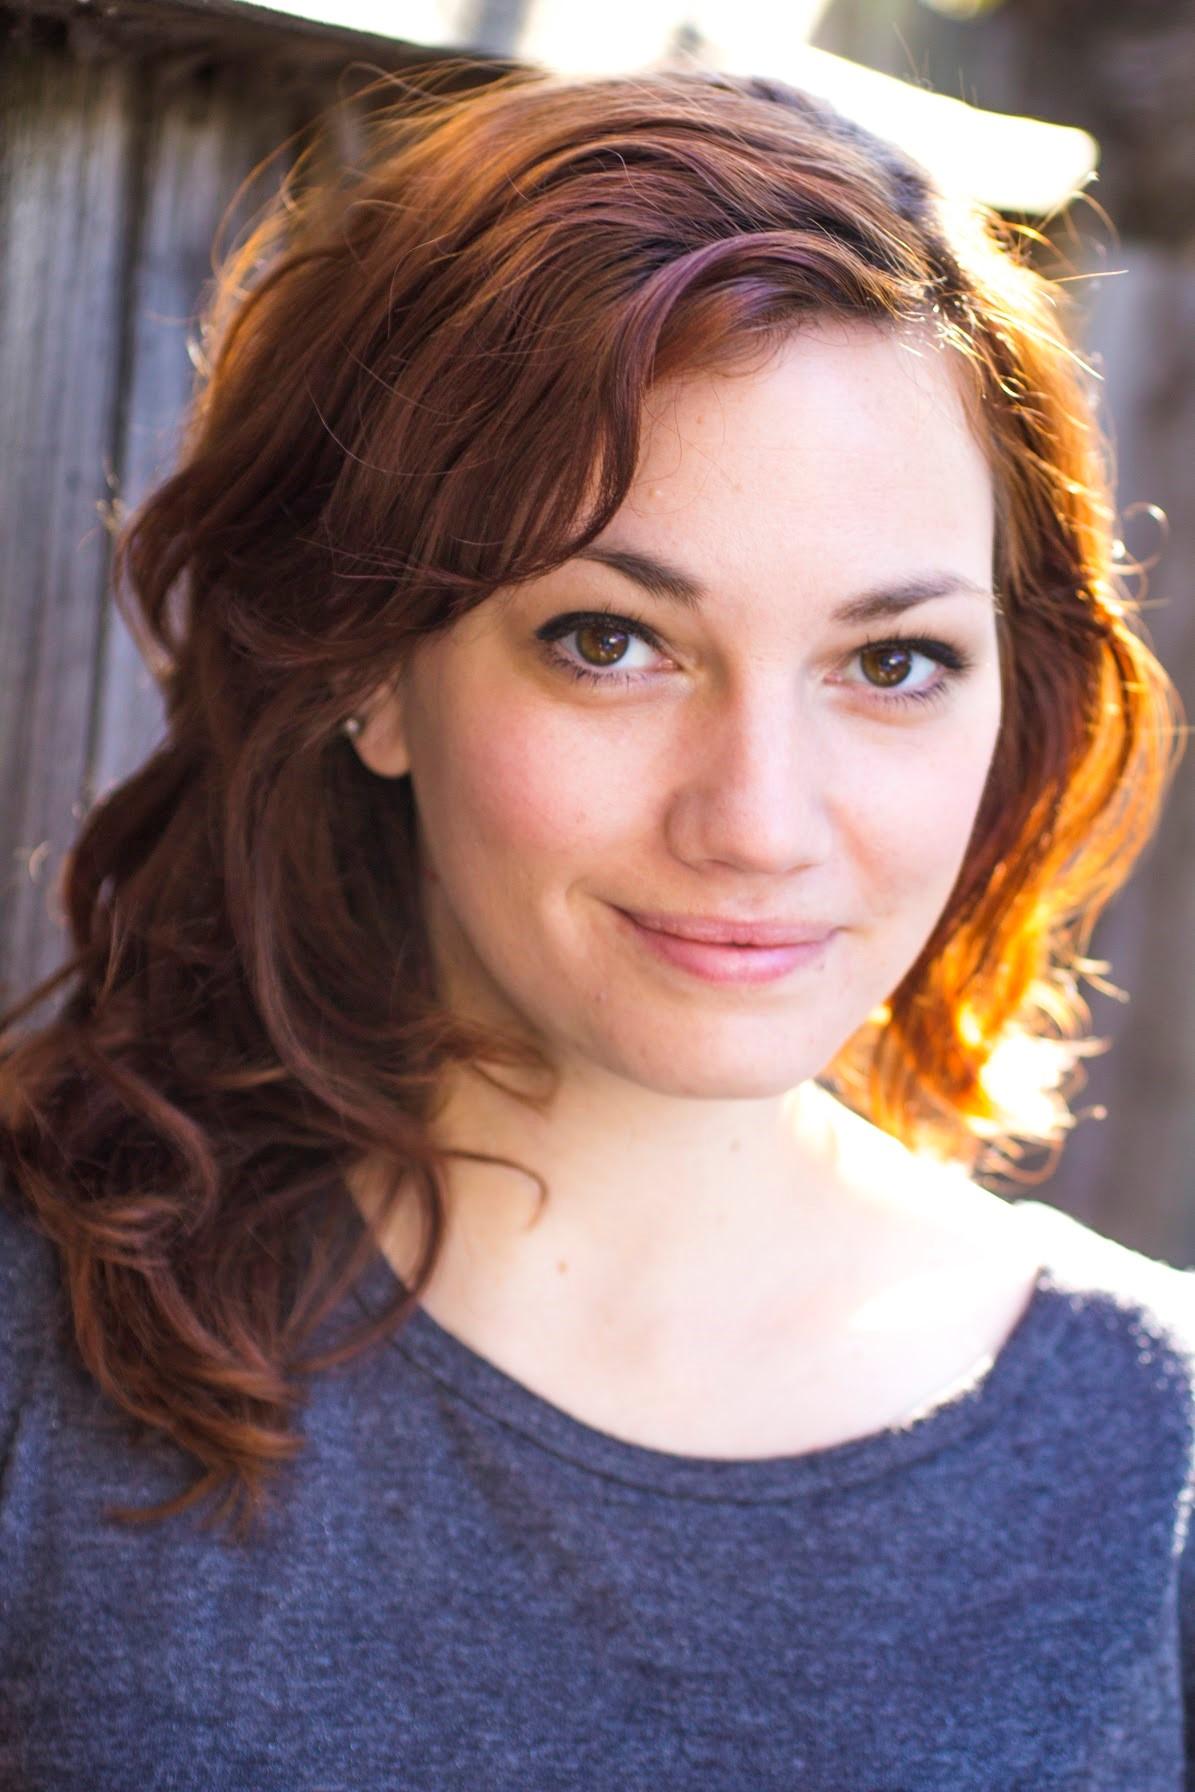 Liana Emley